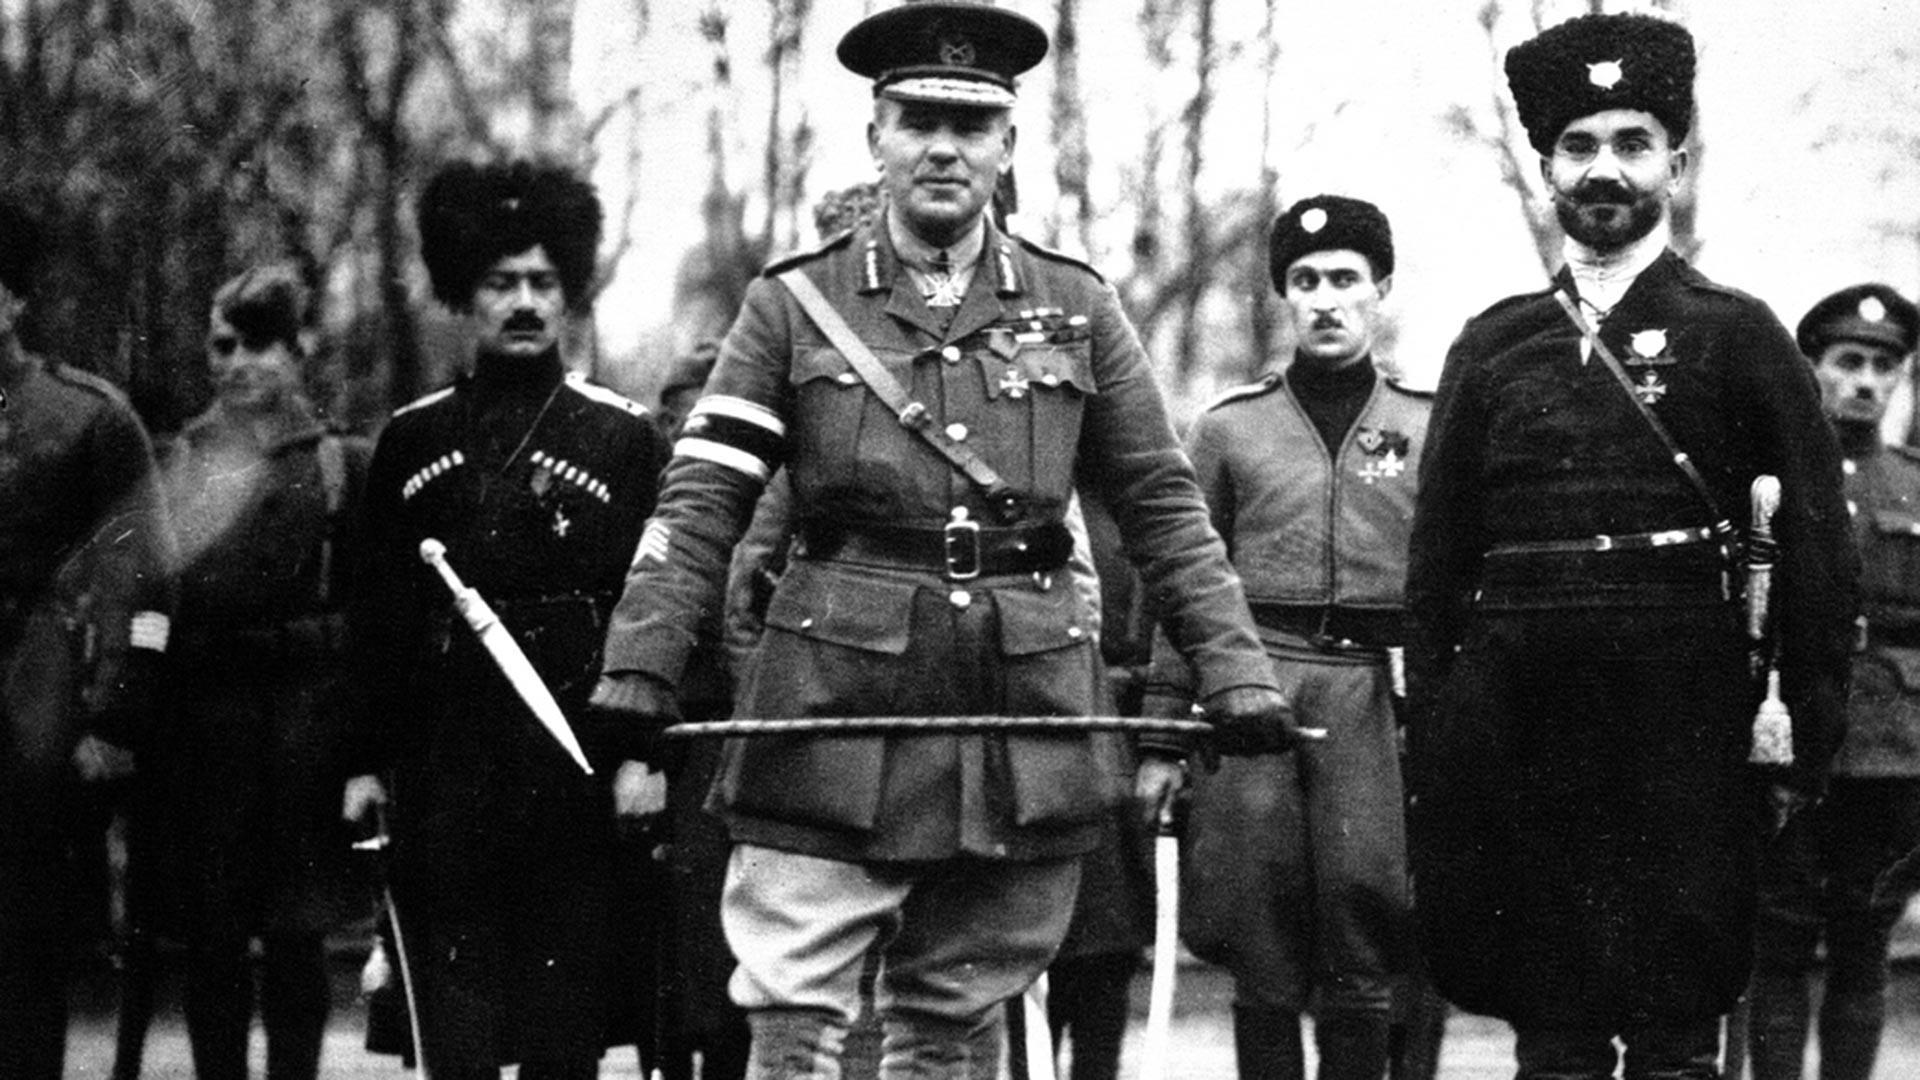 Британският генерал Фредерик С. Пул, командващ съюзническите войски в Архангелск до октомври 1918 г., заедно с казаци. По-късно е разположен в Бялата армия в Южна Русия